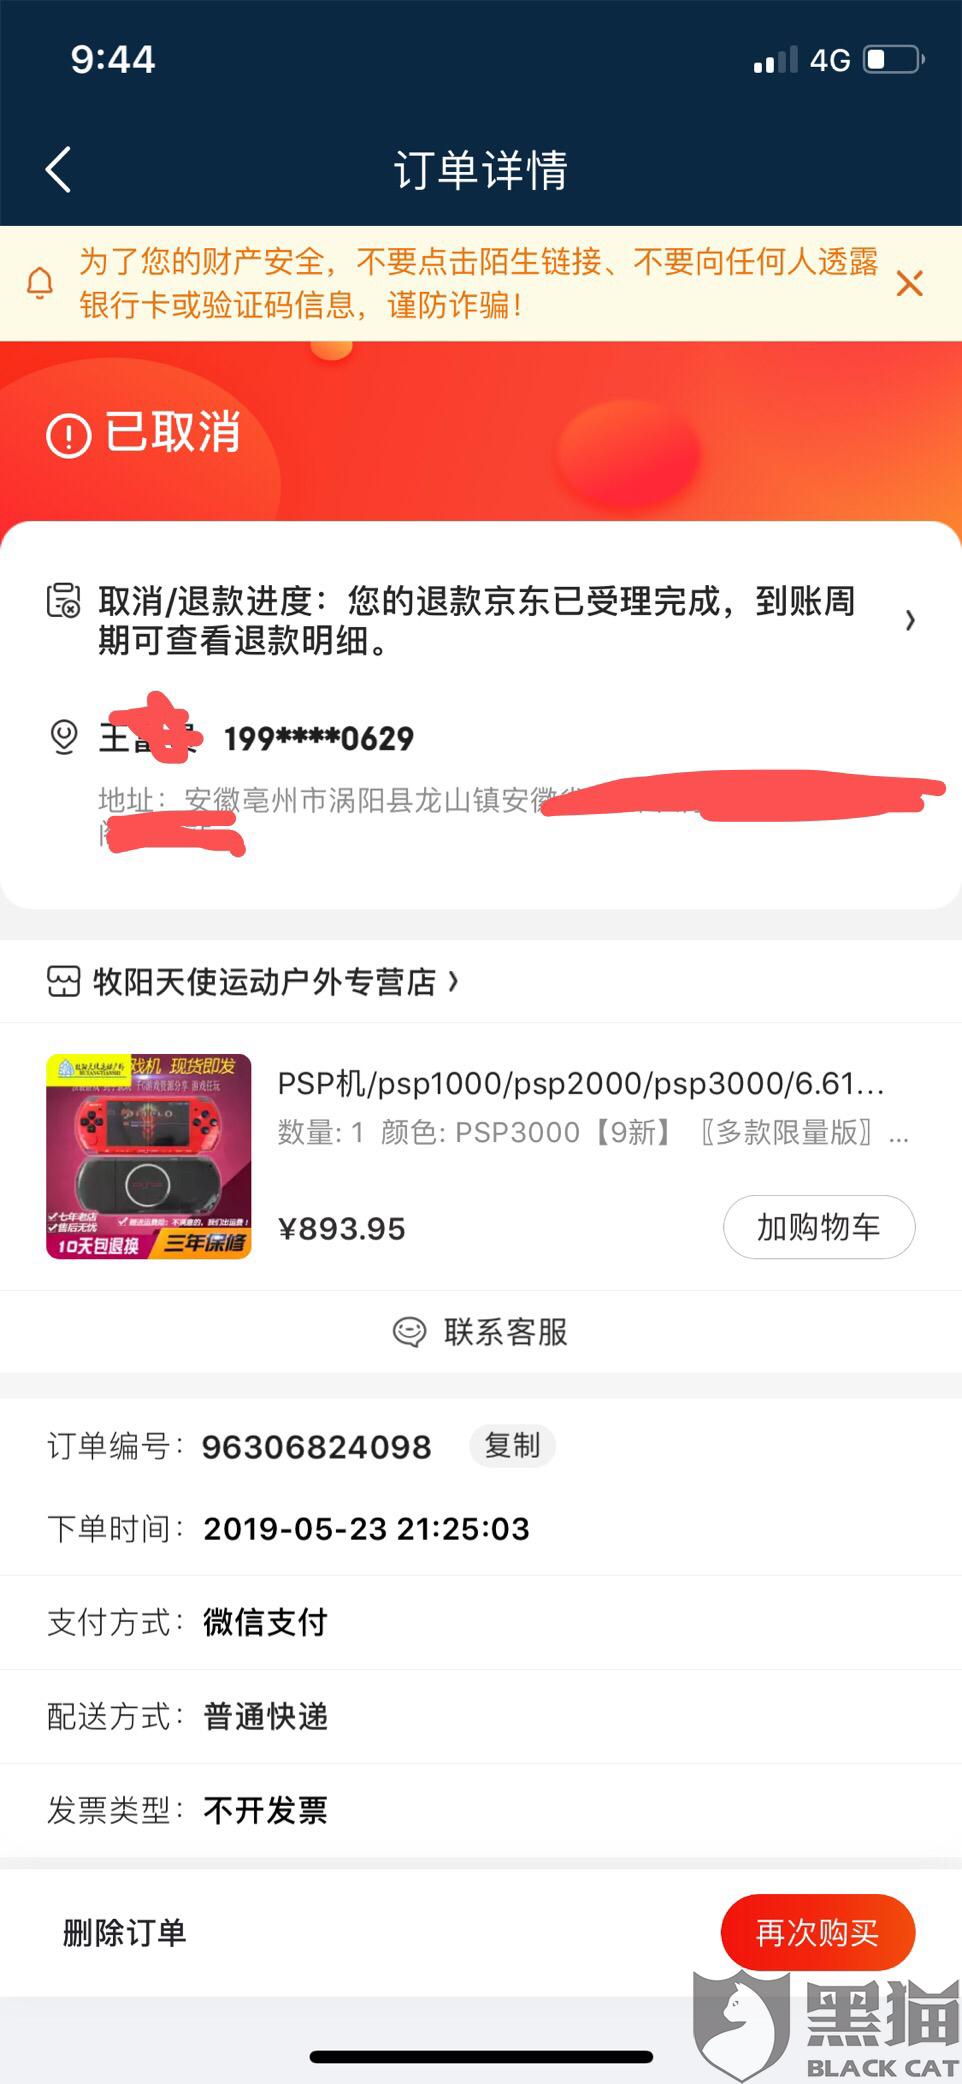 黑猫投诉:京东牧阳天使运动户外专营店